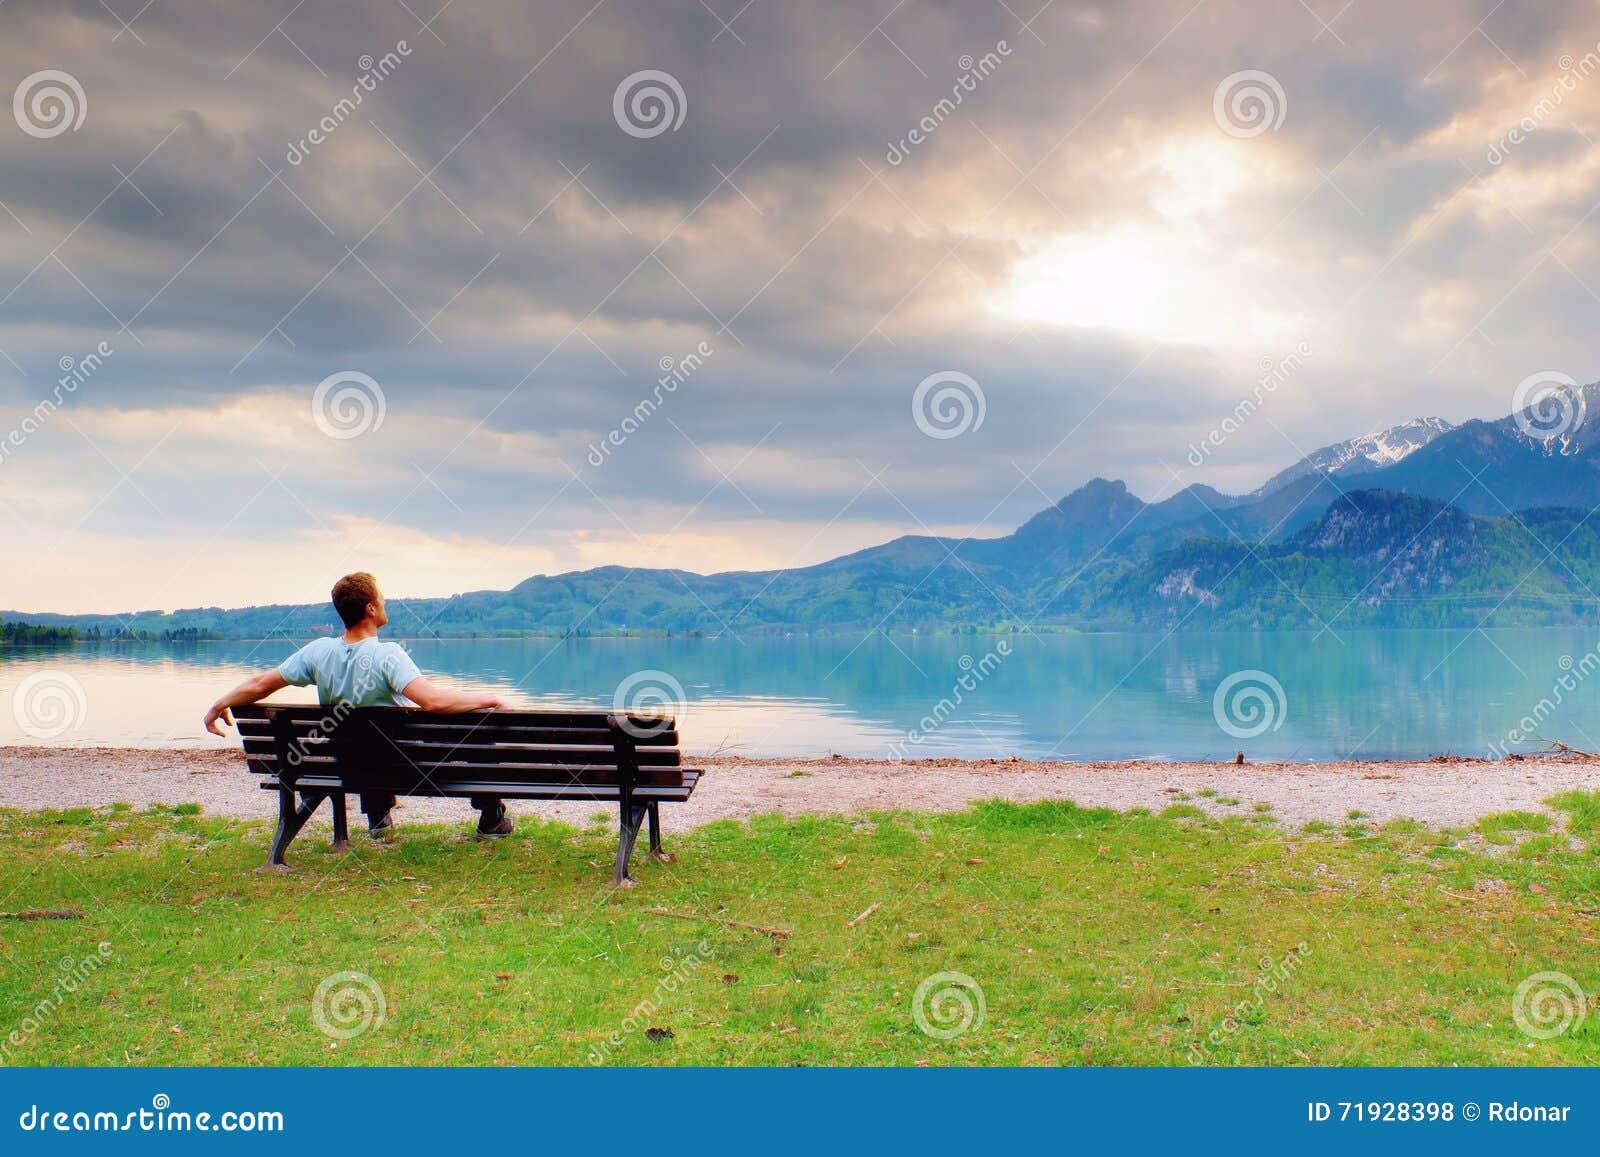 Один человек сидит на стенде около лазурного озера горы человек ослабляет